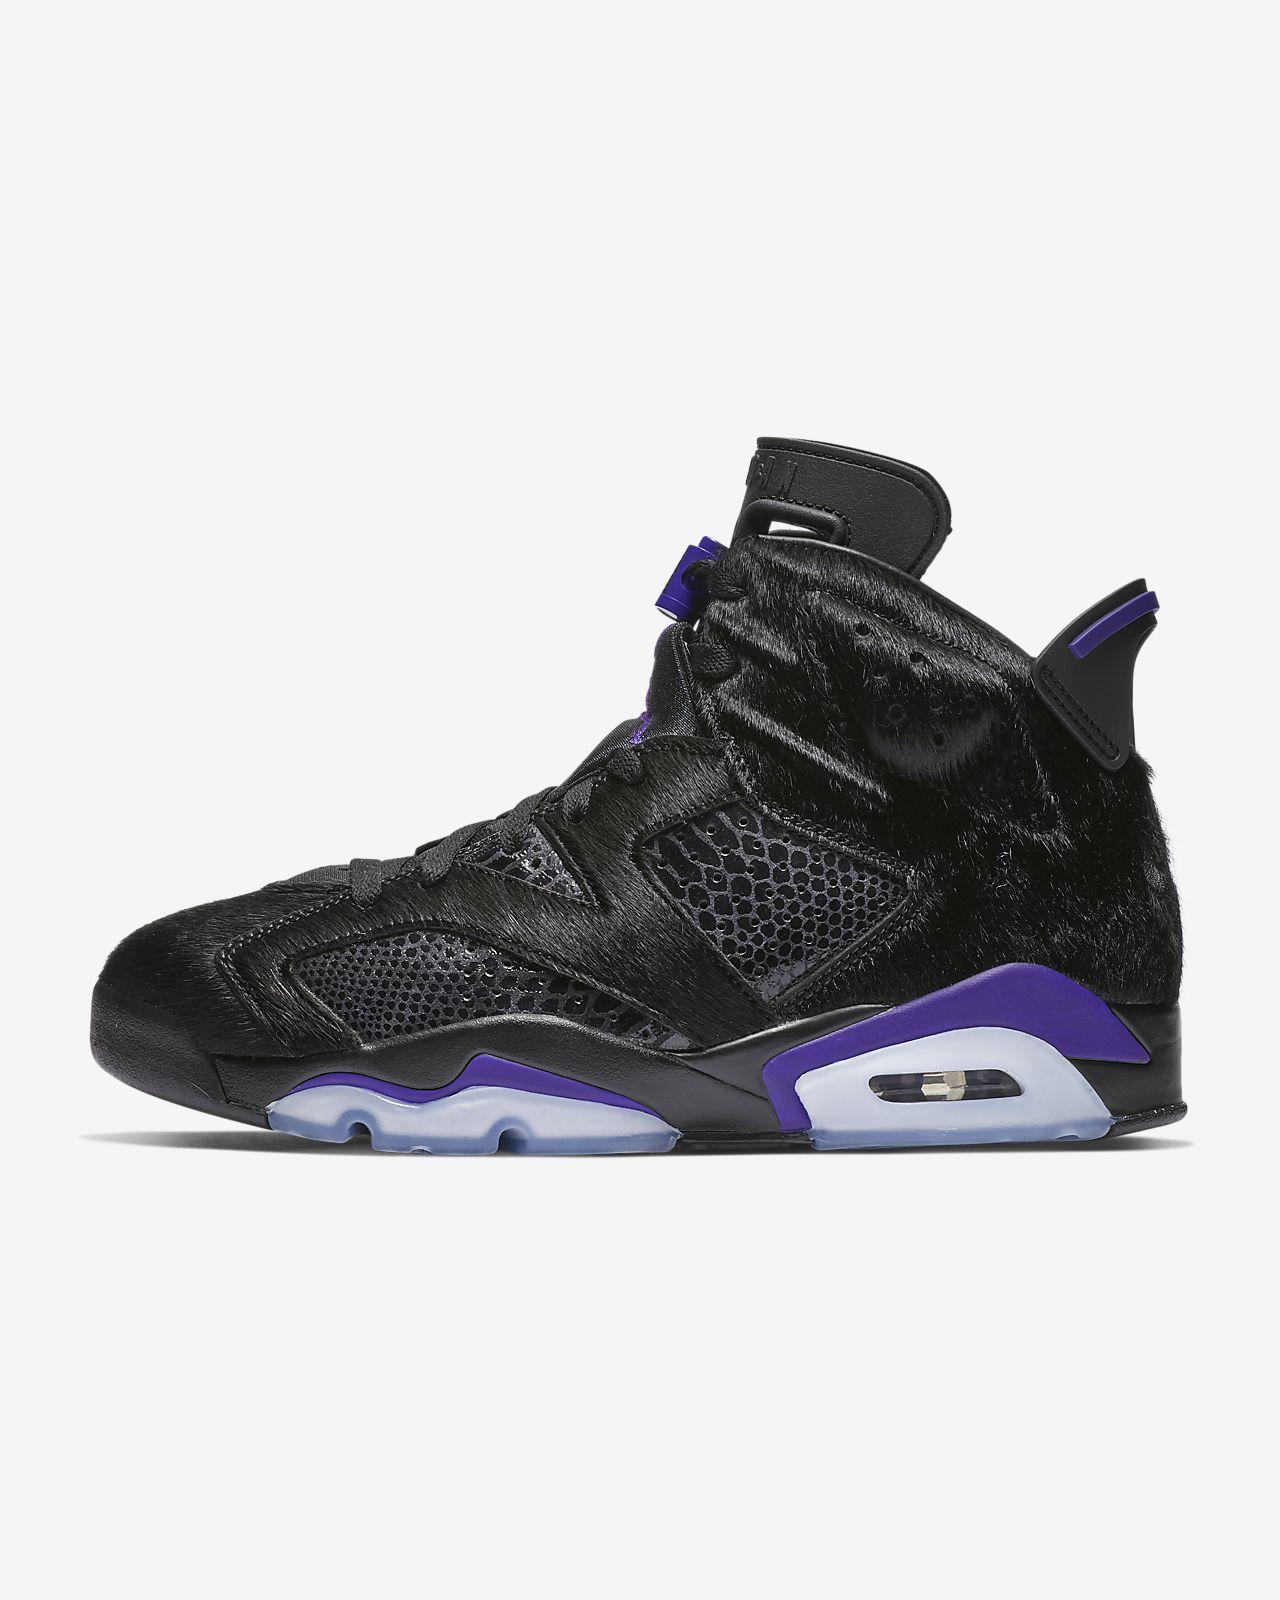 249a05df75914 Air Jordan 6 Retro Men s Shoe. Nike.com IE